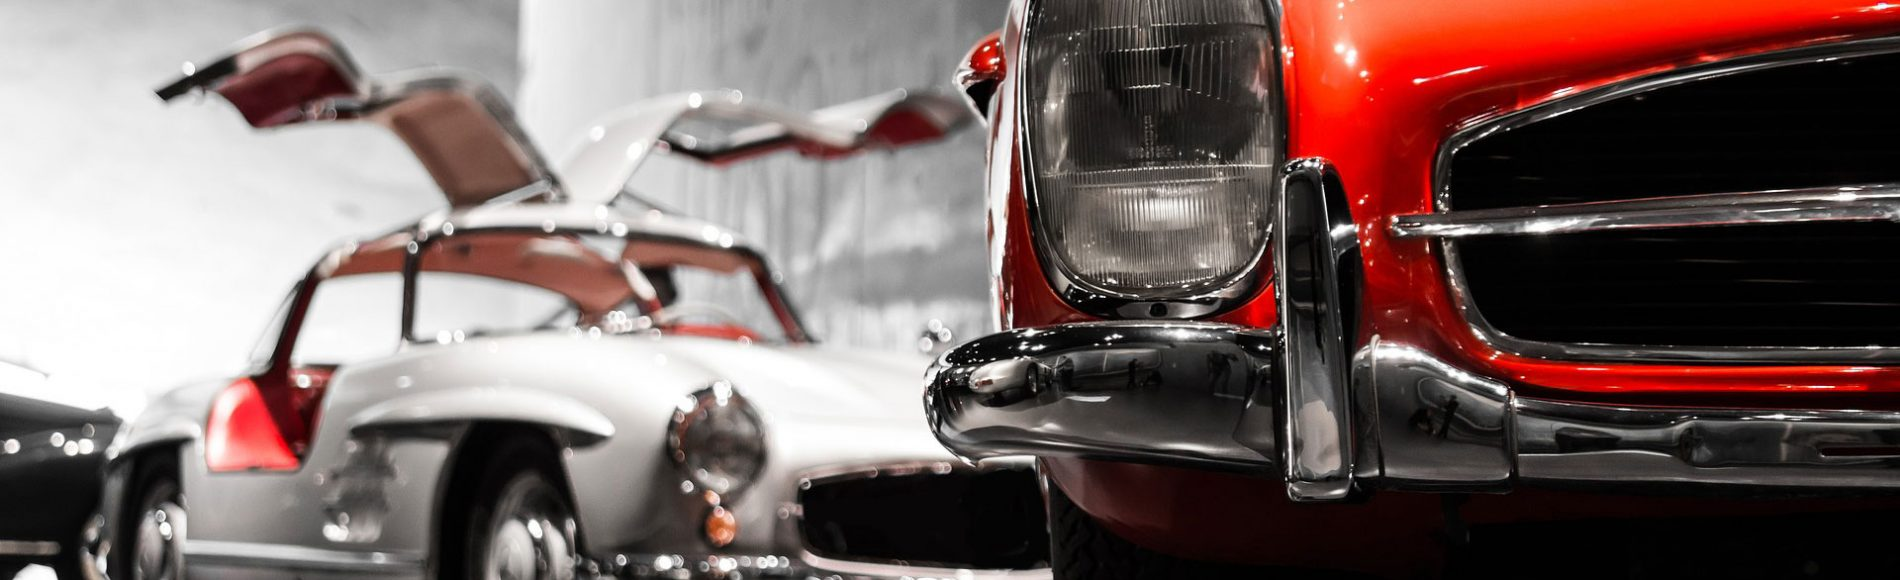 automobile-1867006_1920